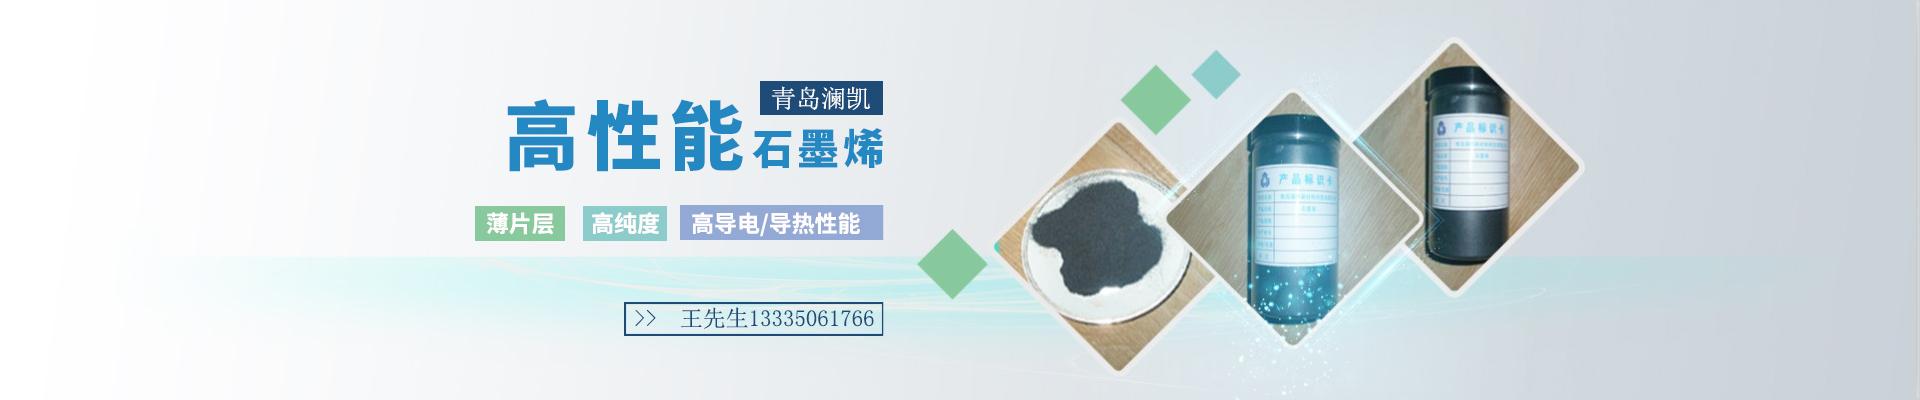 青岛澜凯新材料科技有限公司